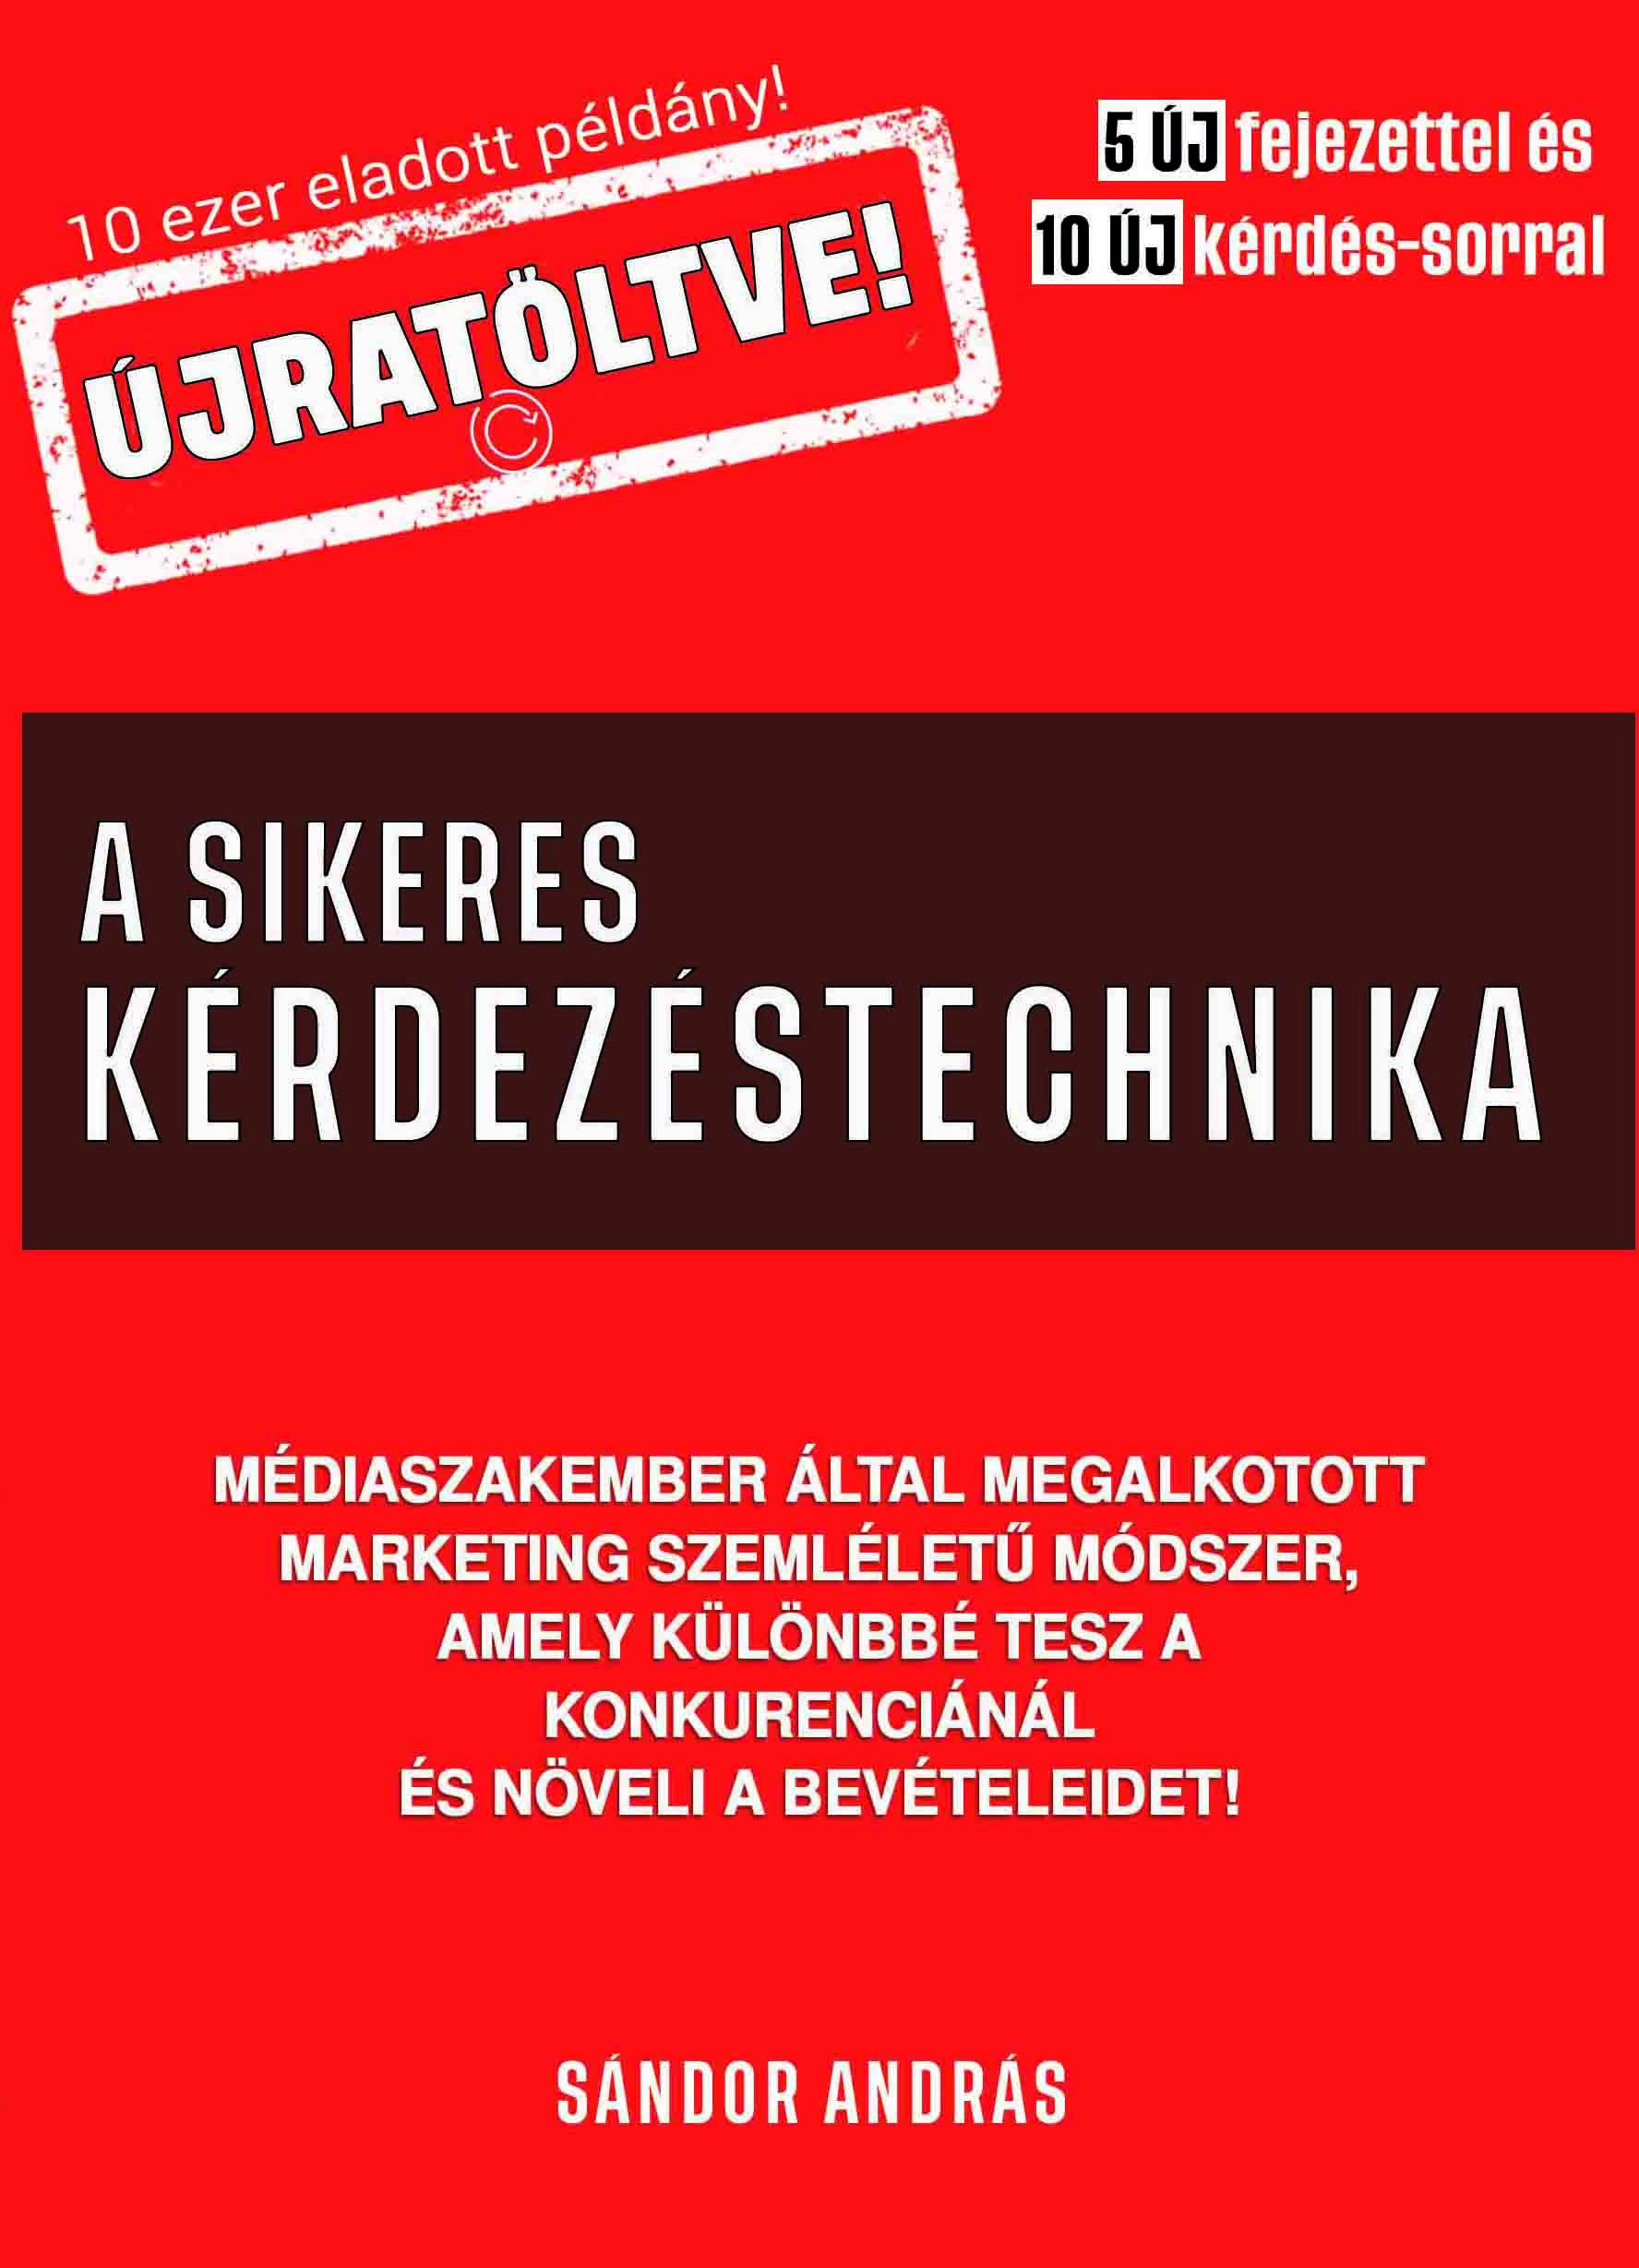 Sándor András: A sikeres kérdezéstechnika értékesítőknek ÚJRATÖLTVE